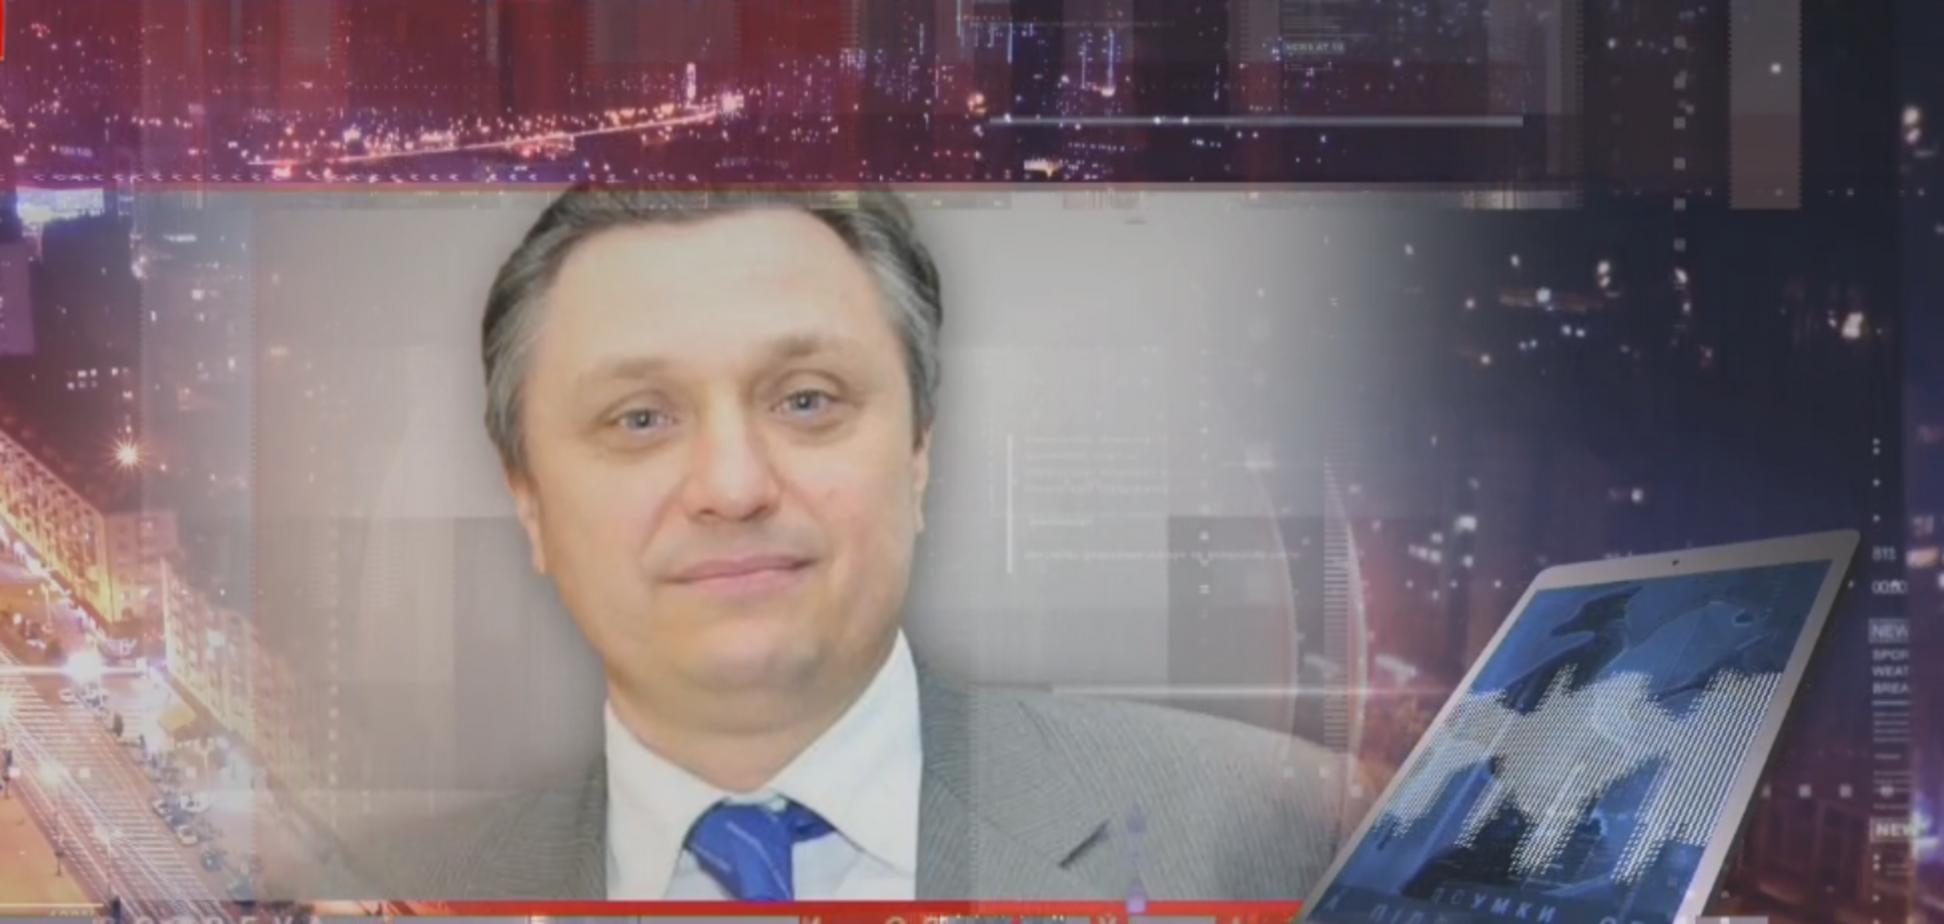 Россия заинтересована в обострении ситуации в Молдове - эксперт